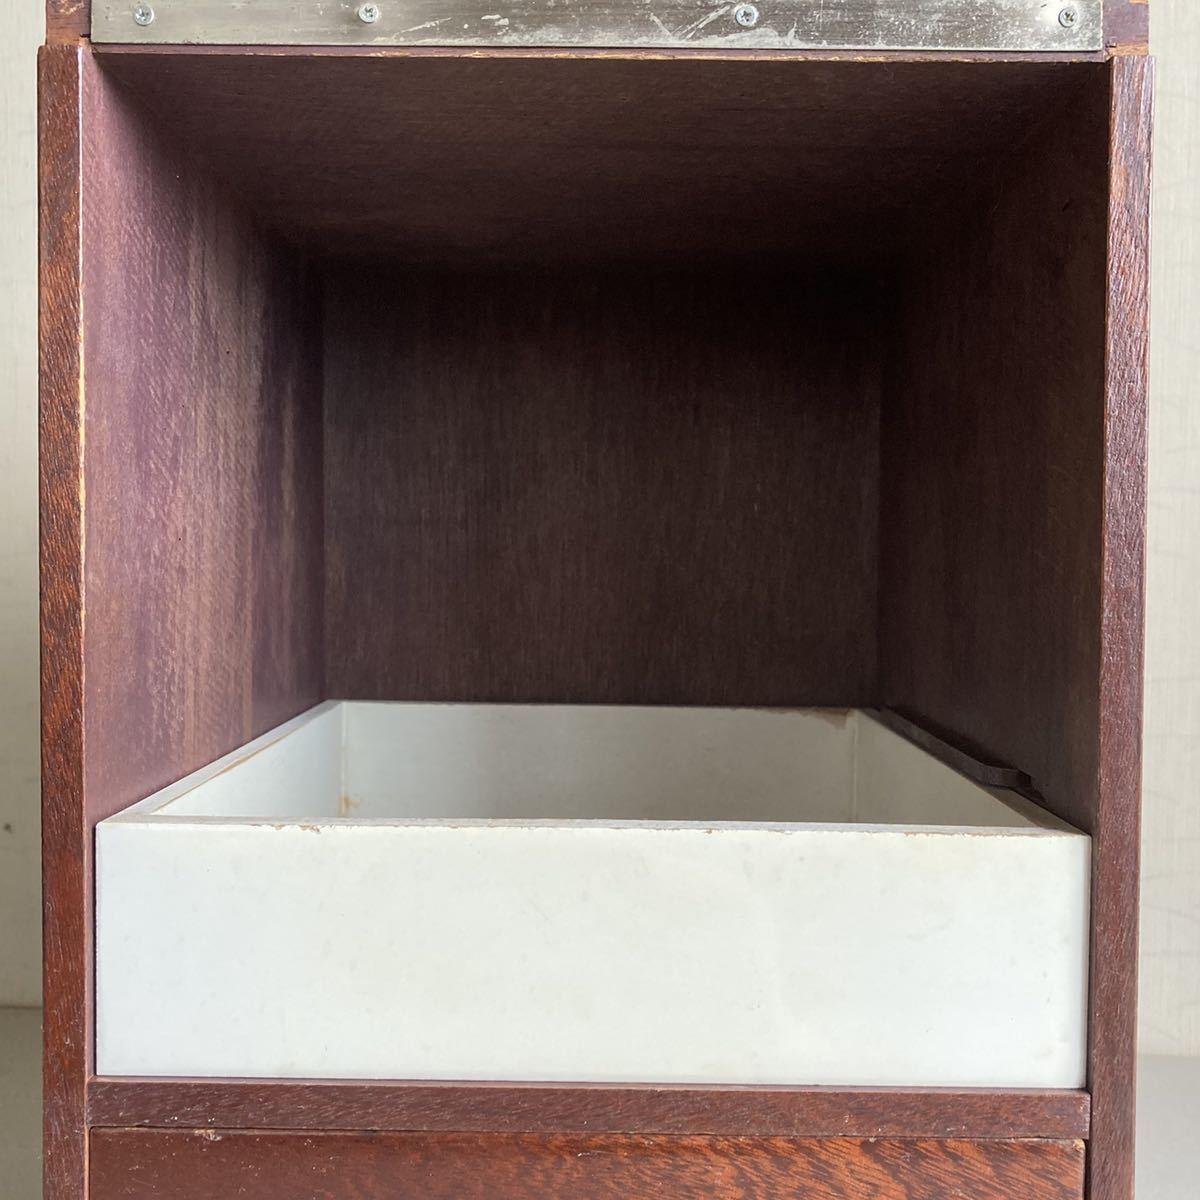 昭和レトロ 小さな 鏡台 古道具 小物入れ 化粧台 ミラー 折り畳み 引き出し _画像6